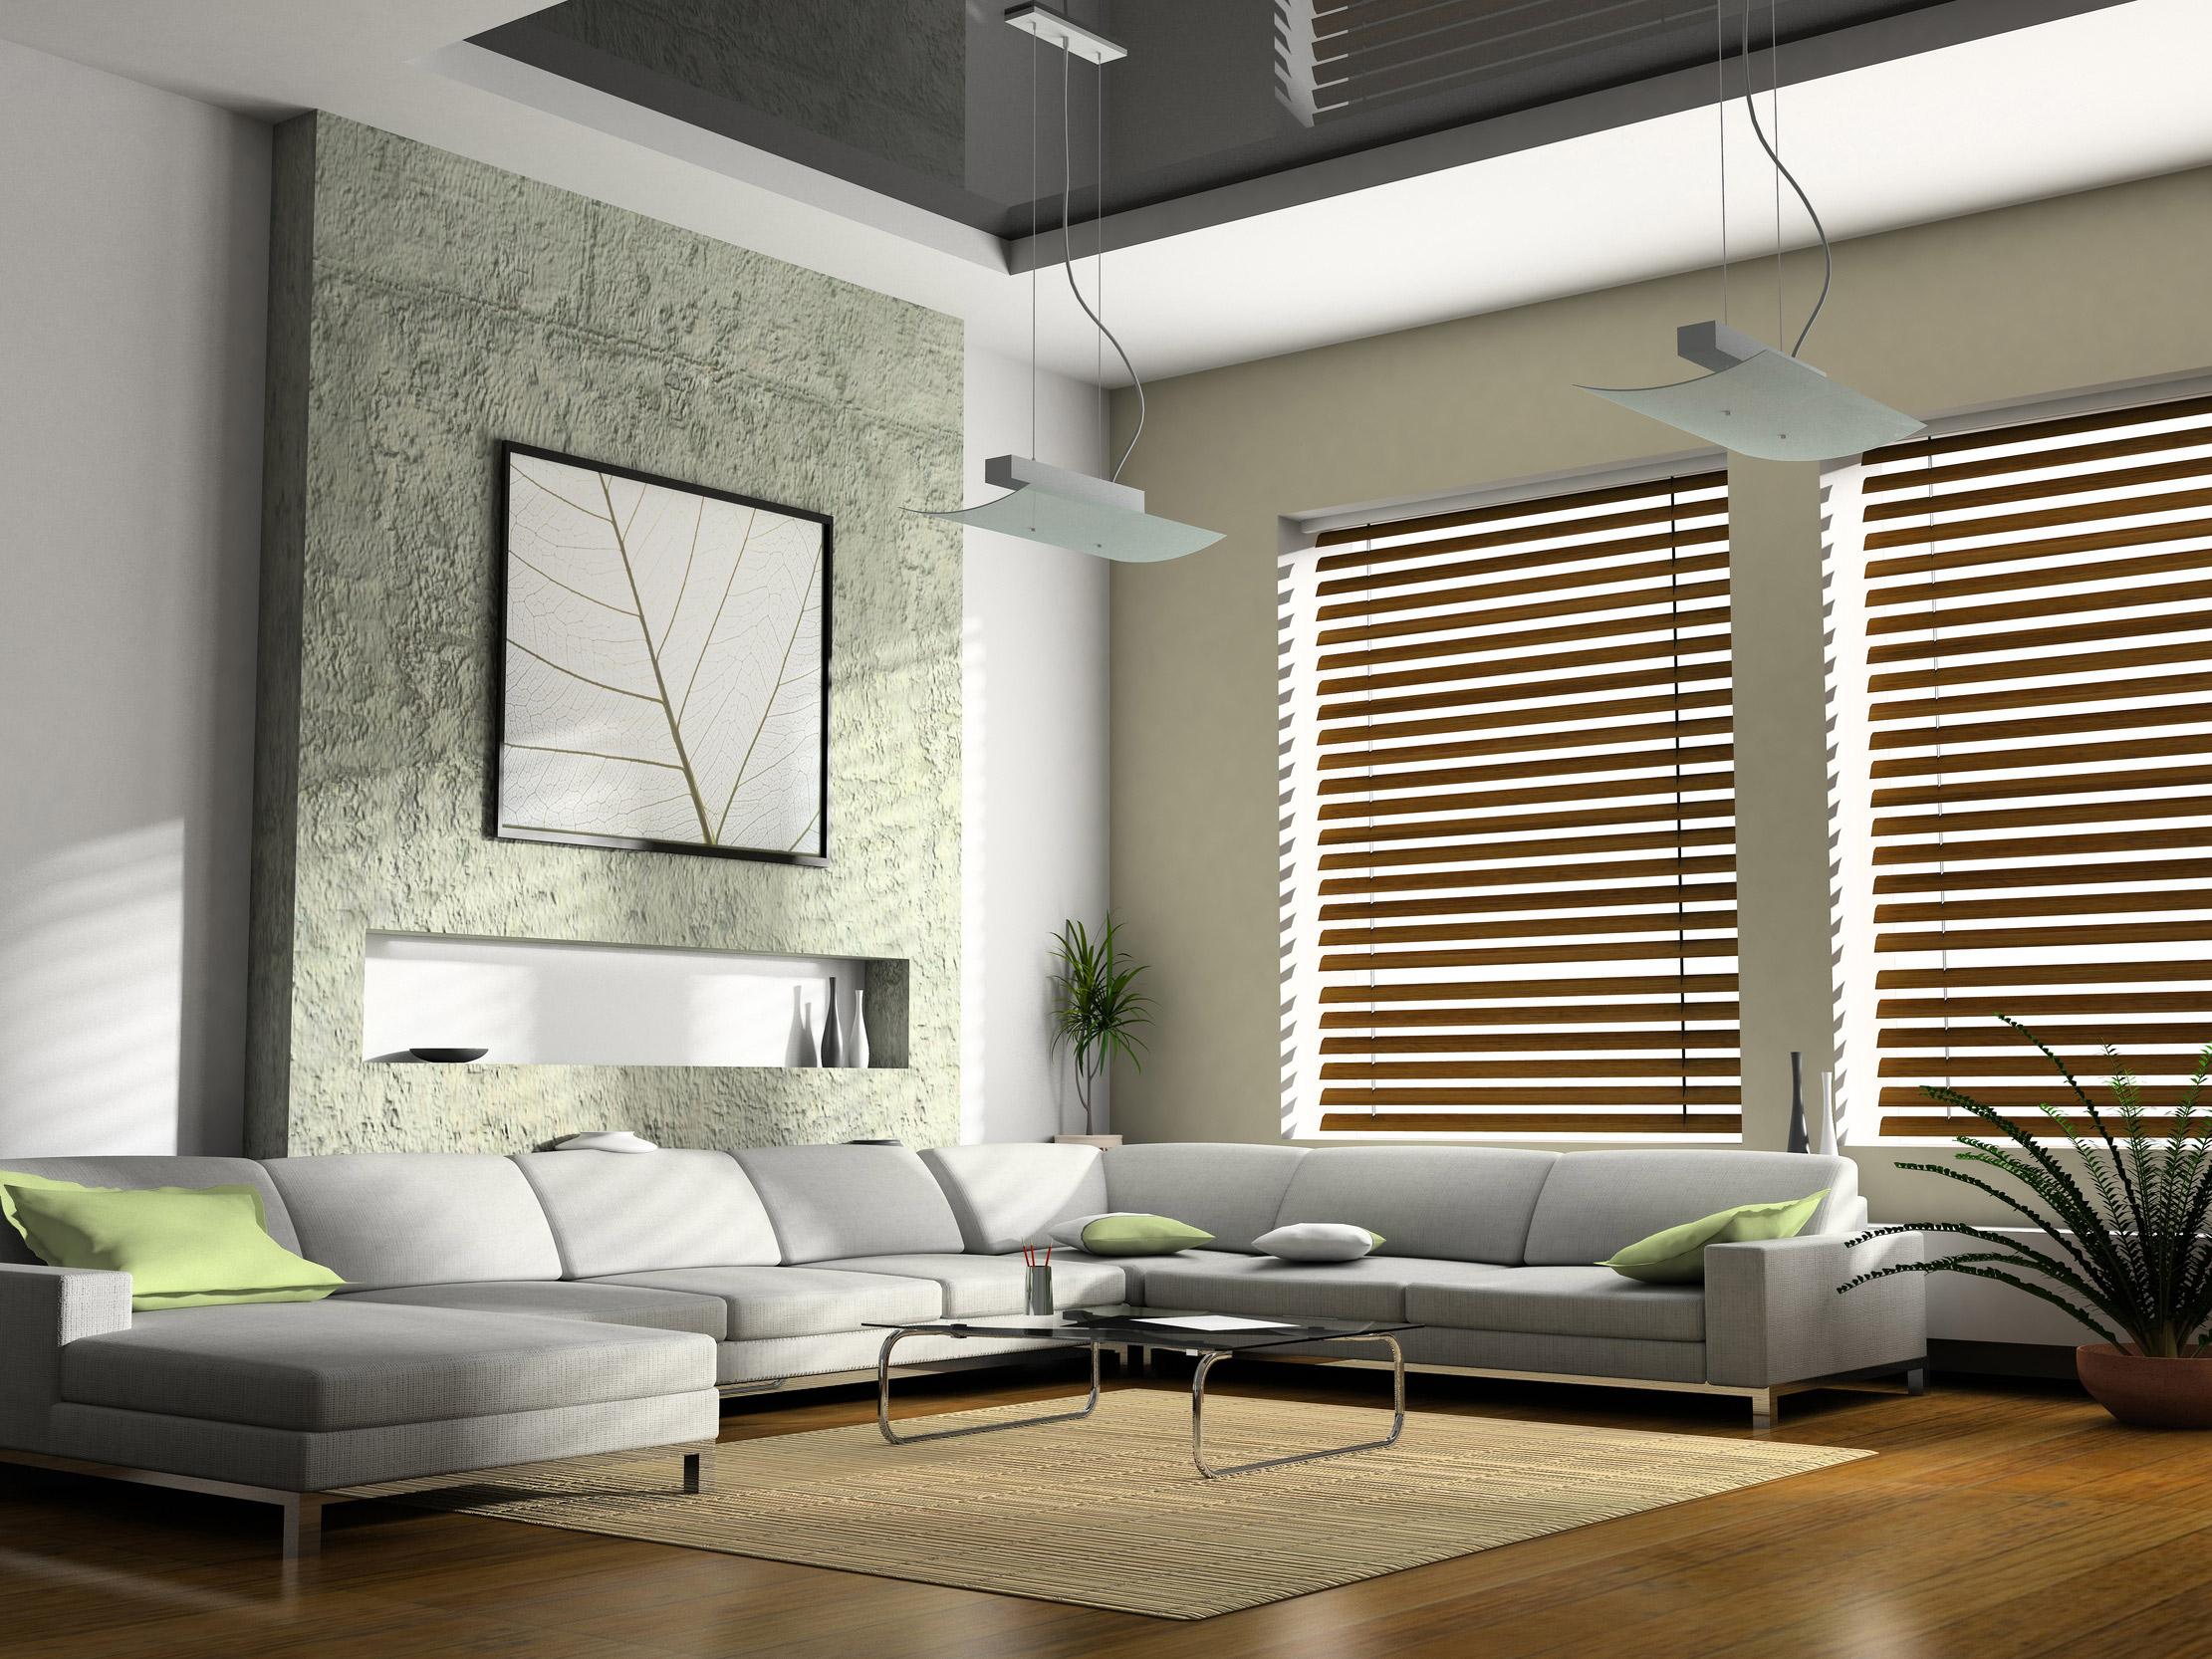 Шикарное оформление интерьера помещения в стиле минимализм